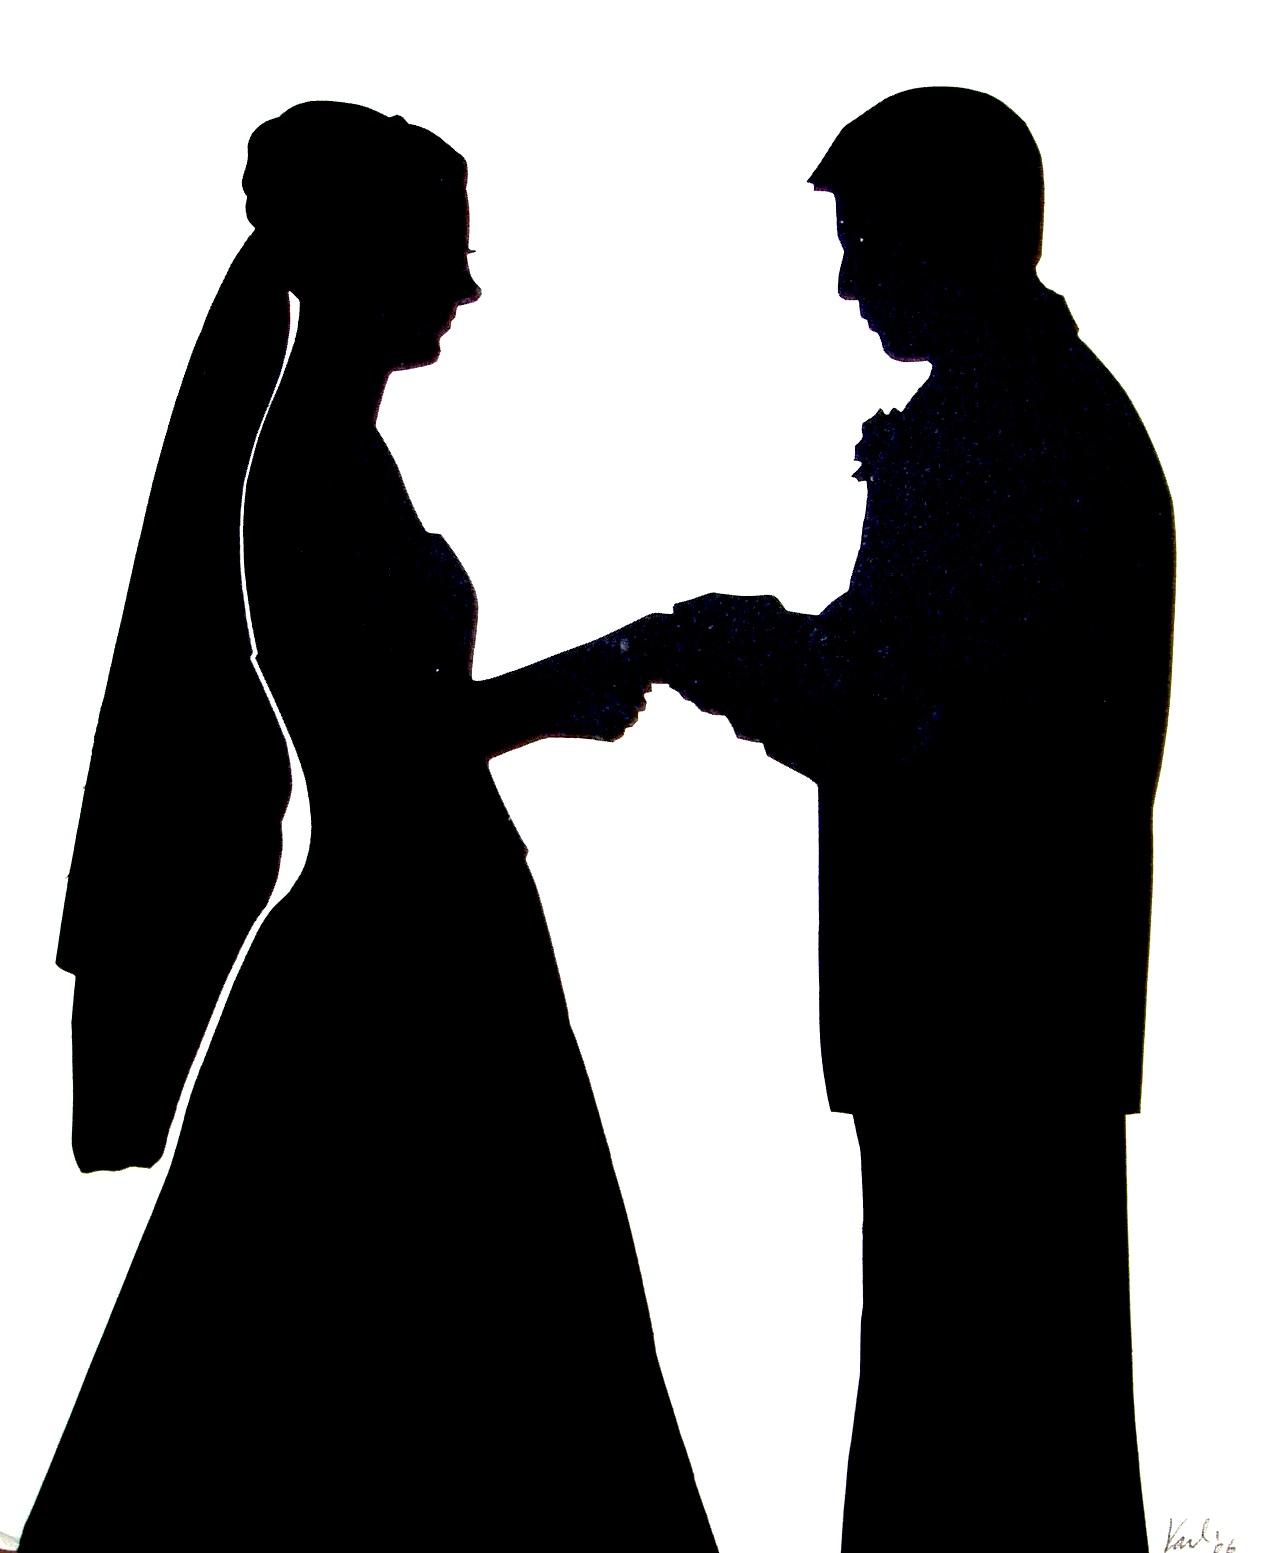 wedding silhouette : ring on finger.jpg